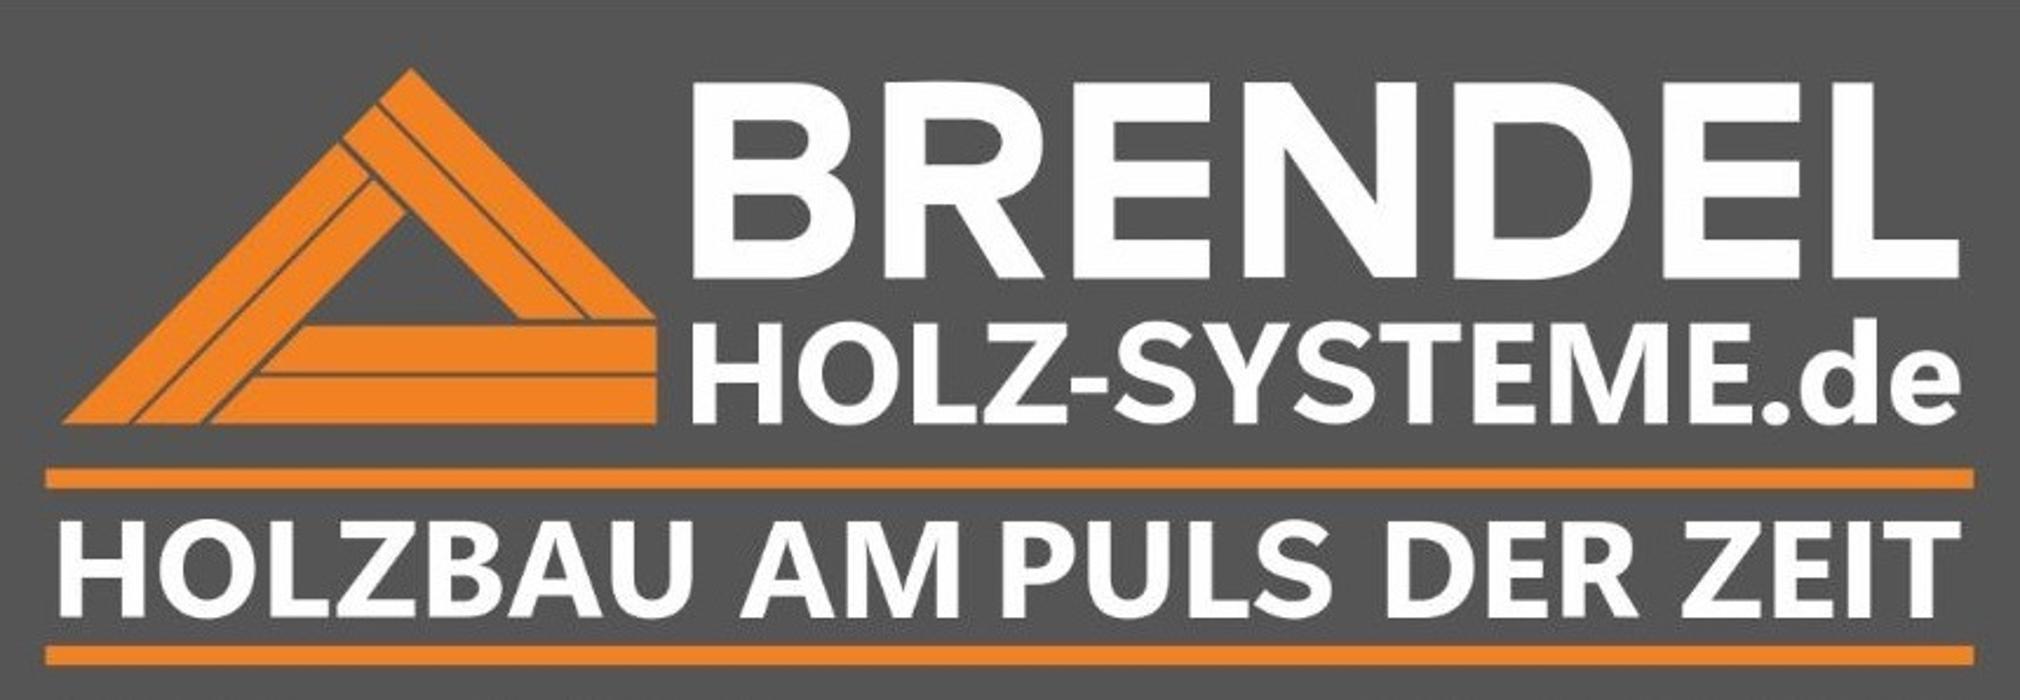 Bild zu HOLZ-SYSTEME BRENDEL in Bernau bei Berlin